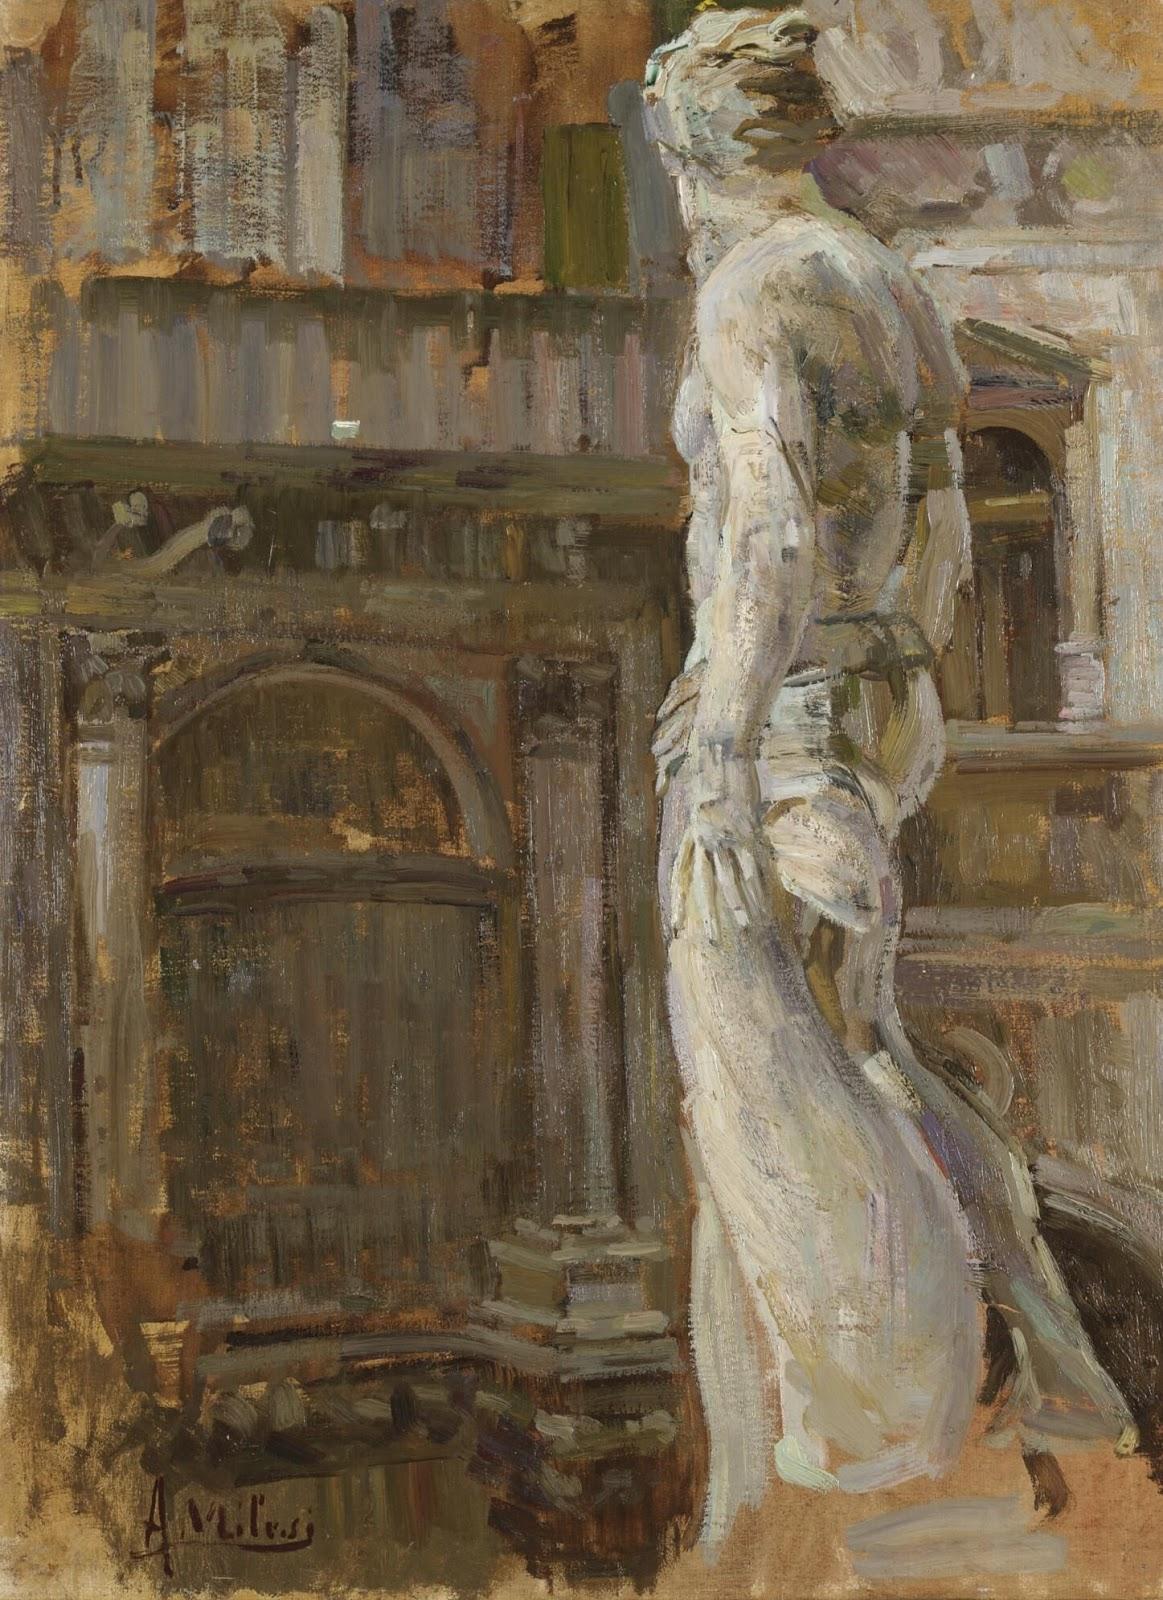 Alessandro Milesi Salone  dei  Giganti Interno  di  Palazzo  Ducale Venezia